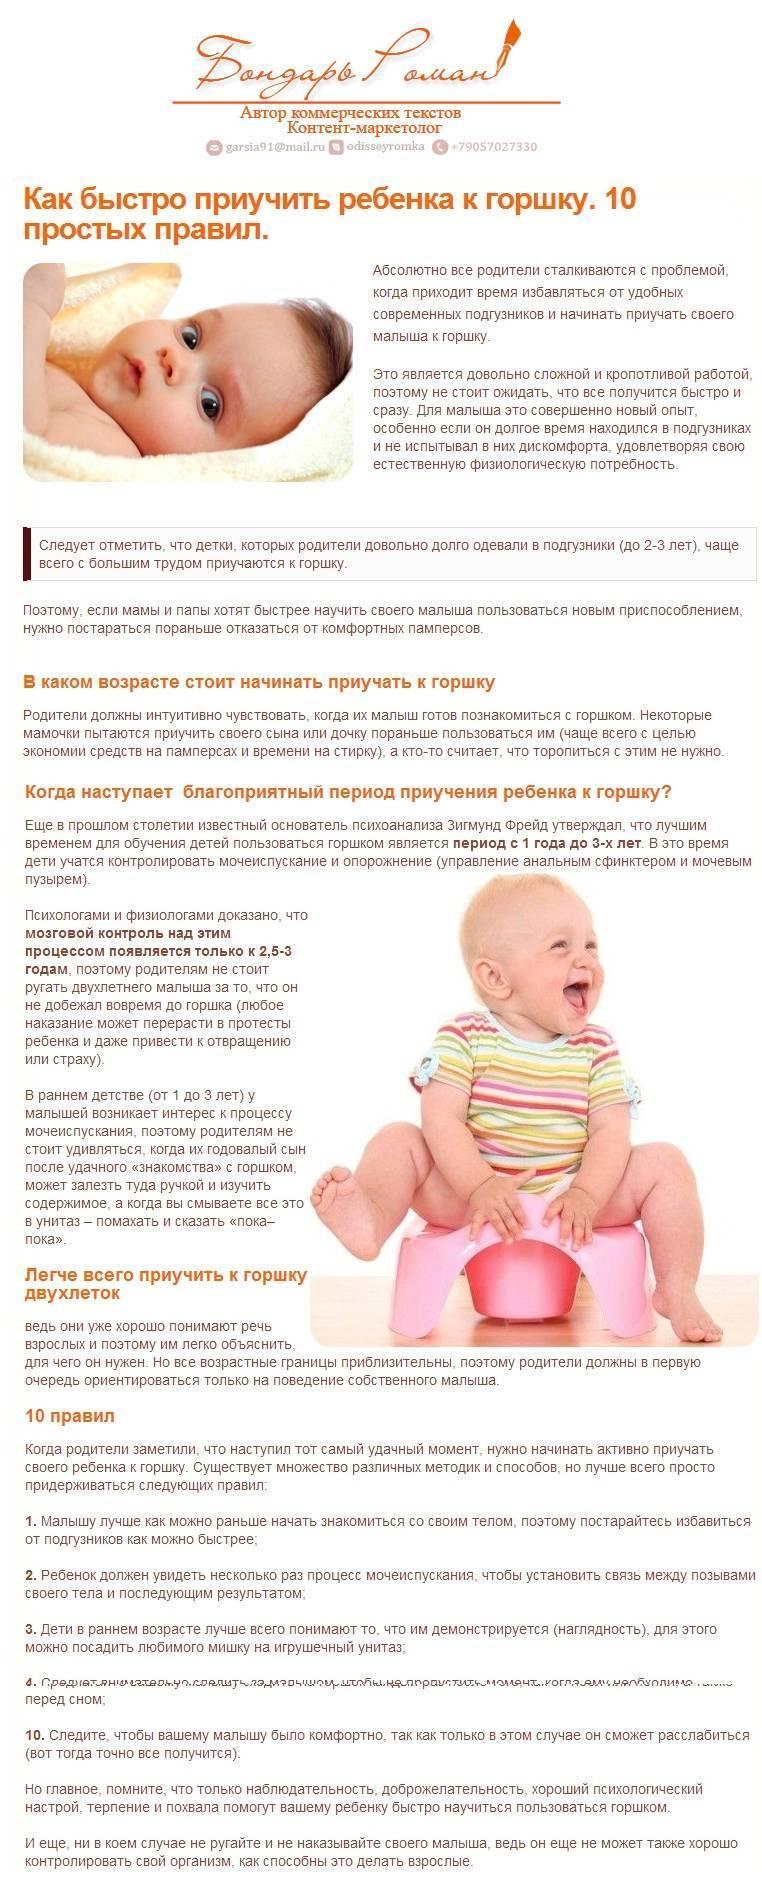 Как приучить ребенка к горшку в 1, 2, 3 года | психологическая консультация татьяны блиновой